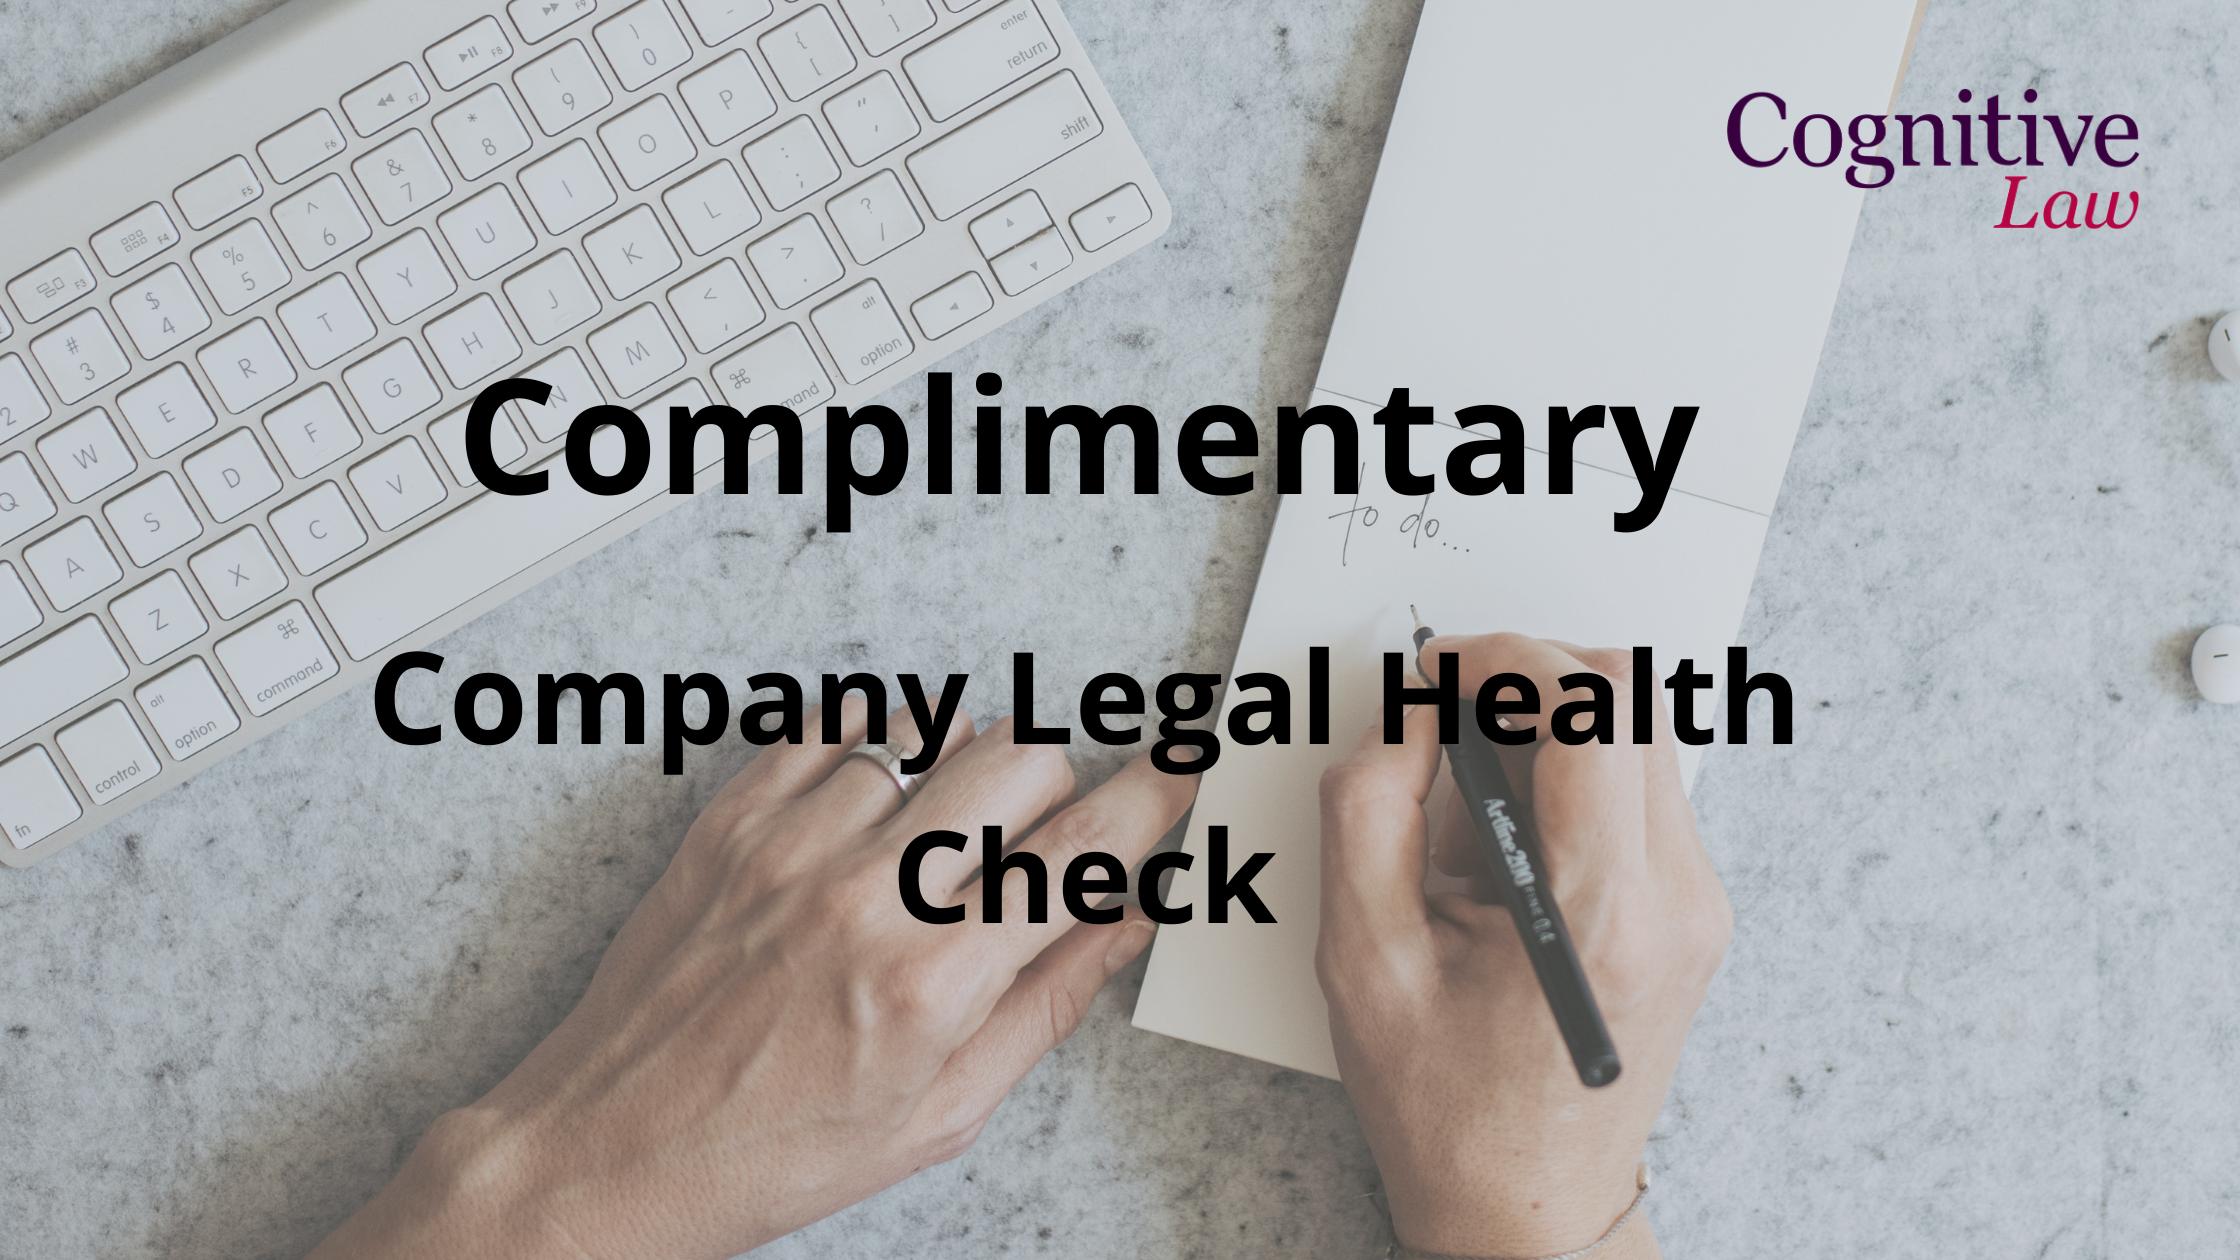 Company Legal Health Check